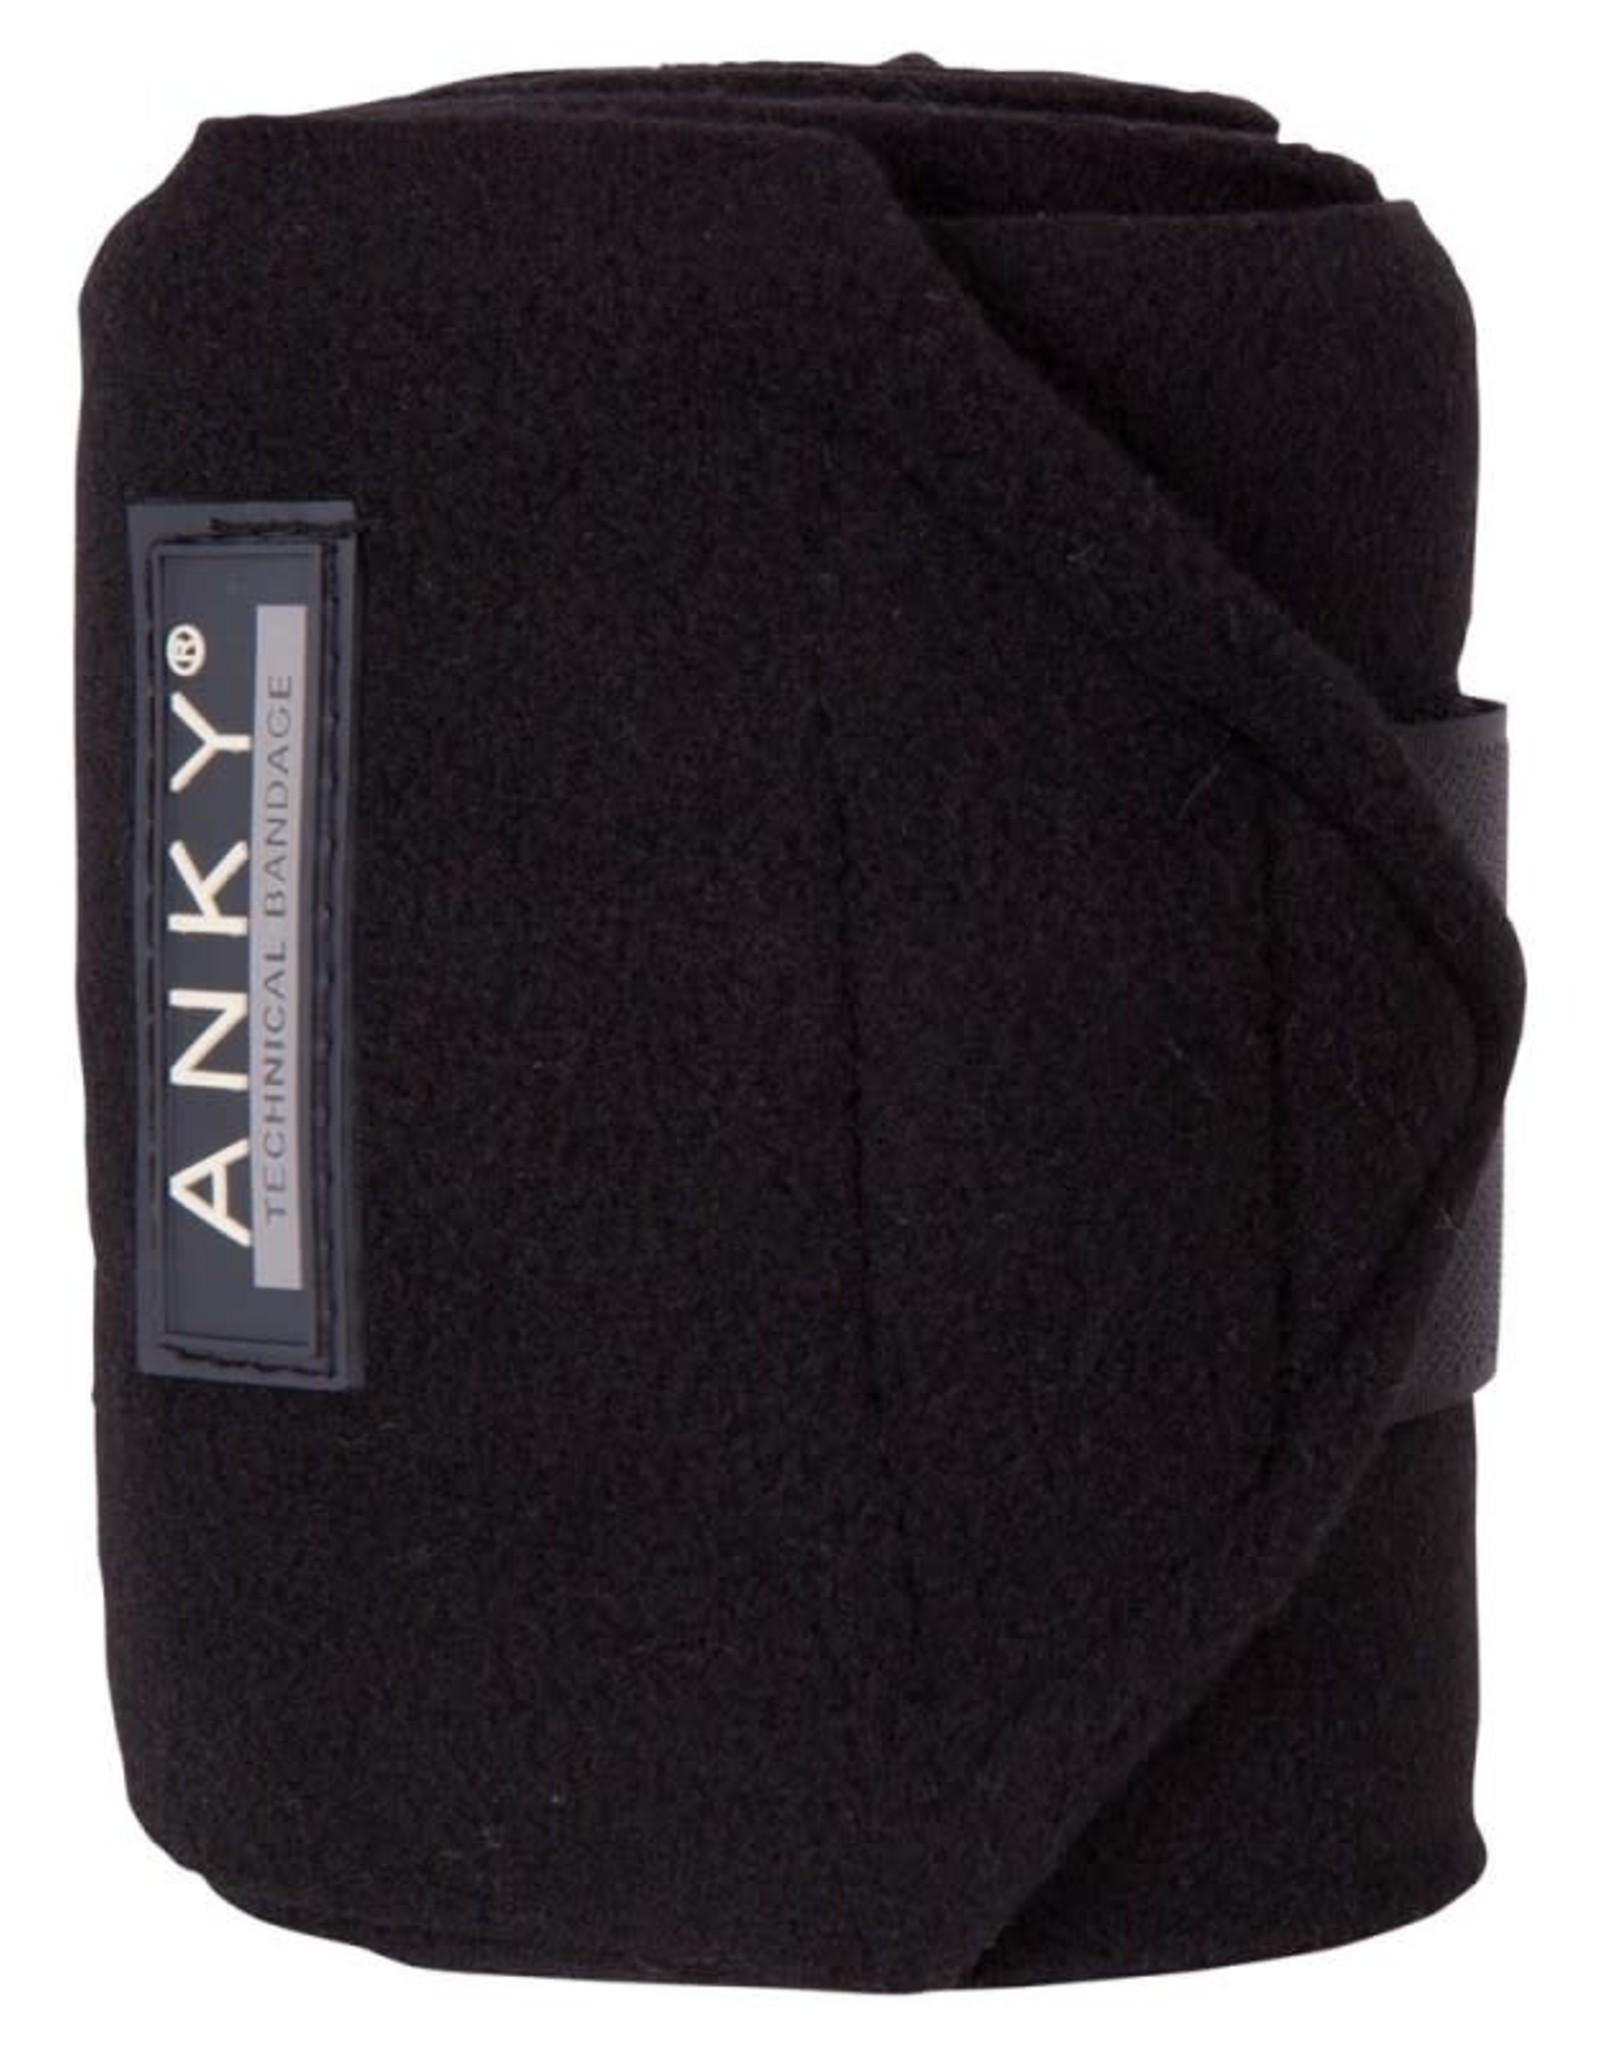 ANKY ® Bandages